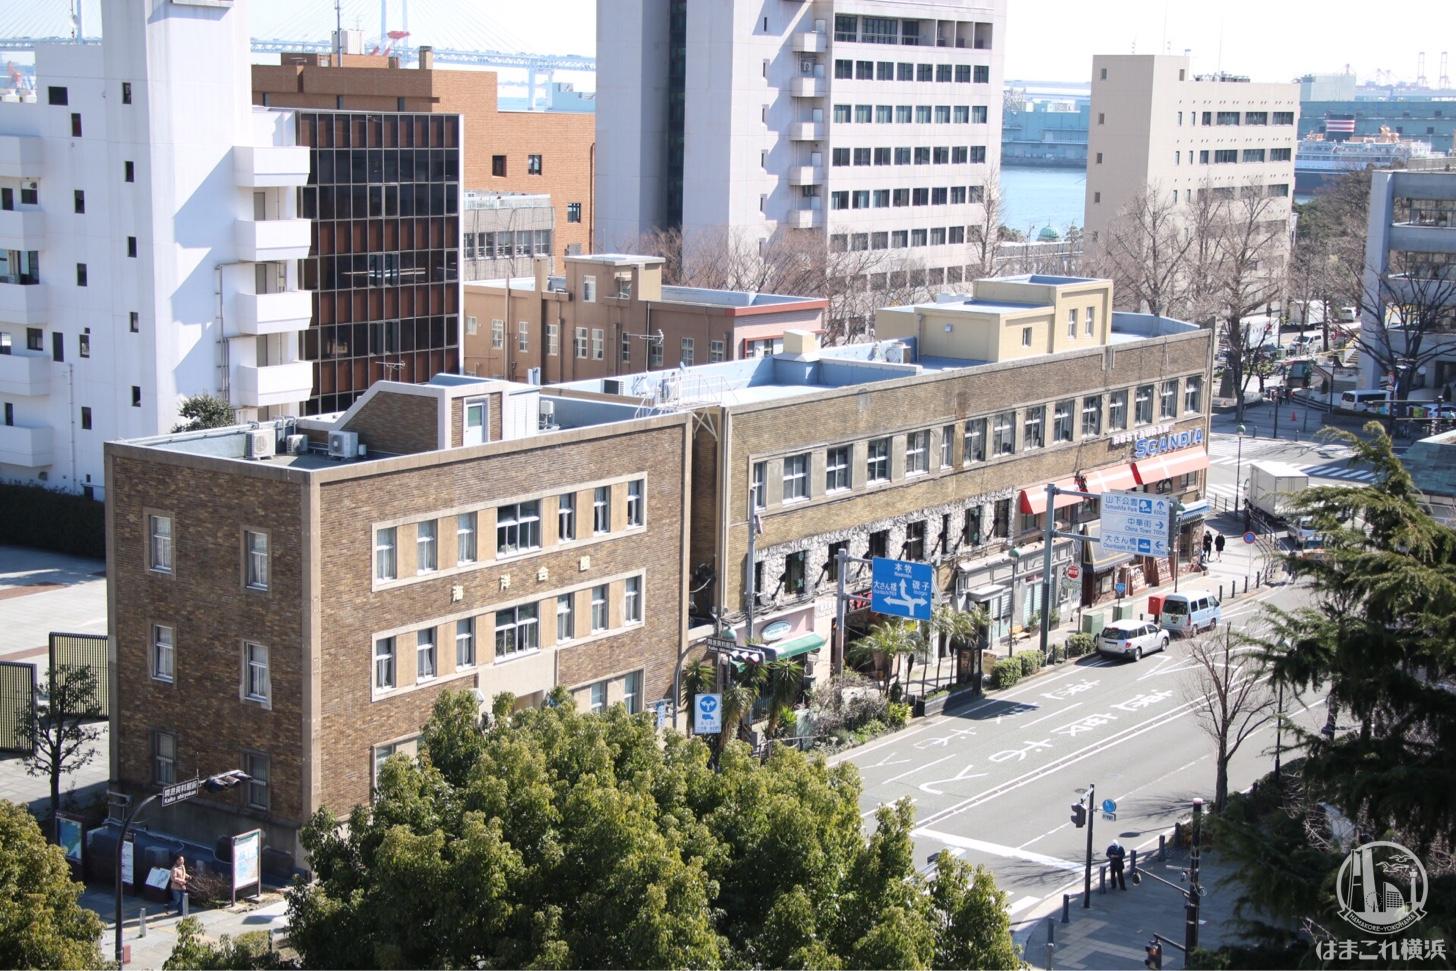 神奈川県庁本庁舎(キングの塔)展望台から見た大通り